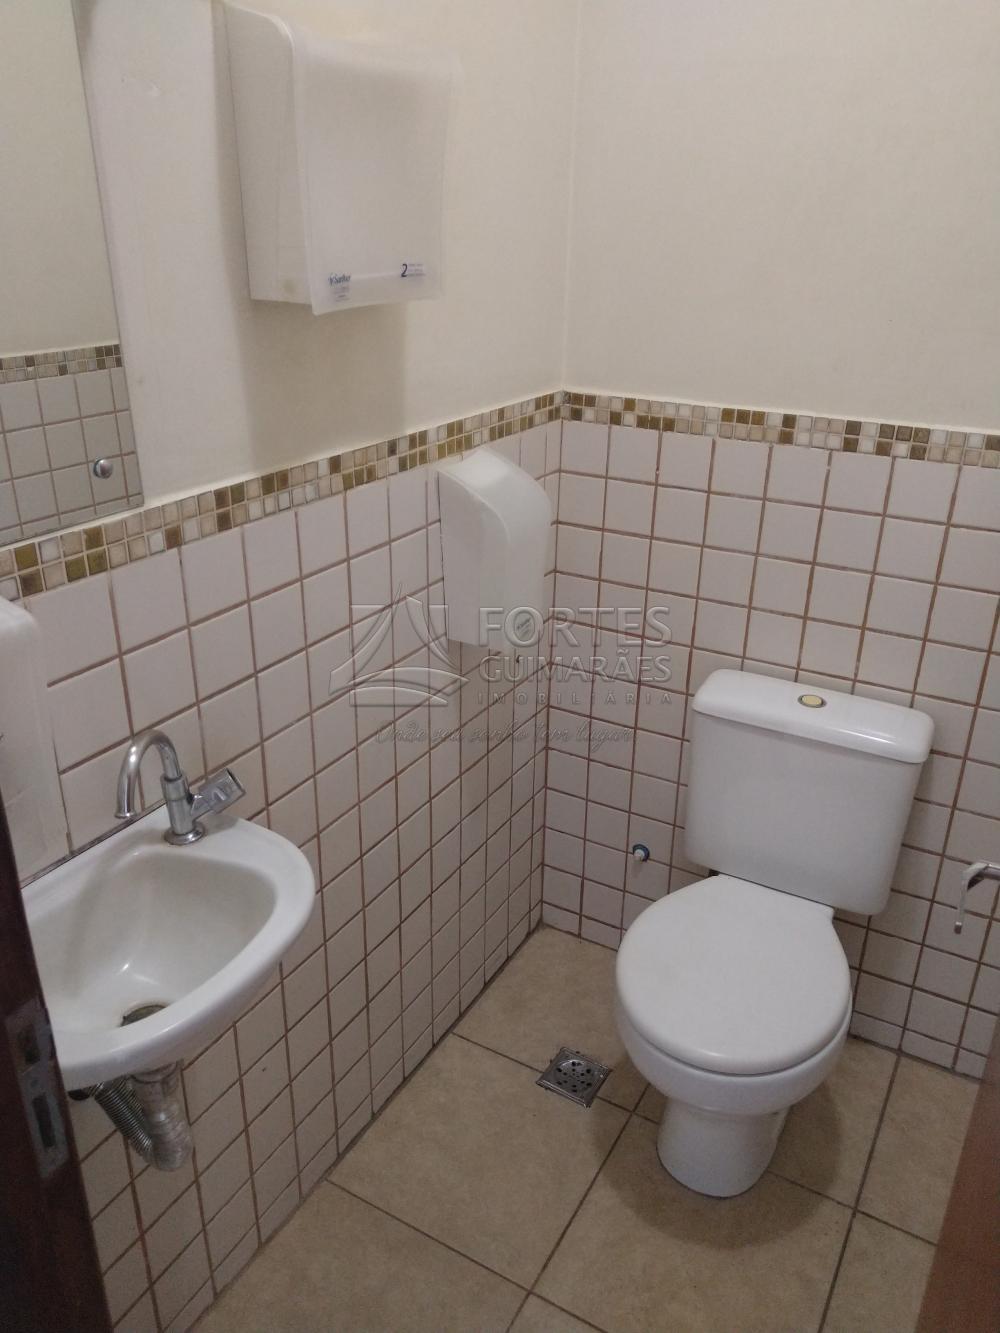 Alugar Comercial / Imóvel Comercial em Ribeirão Preto apenas R$ 12.000,00 - Foto 11